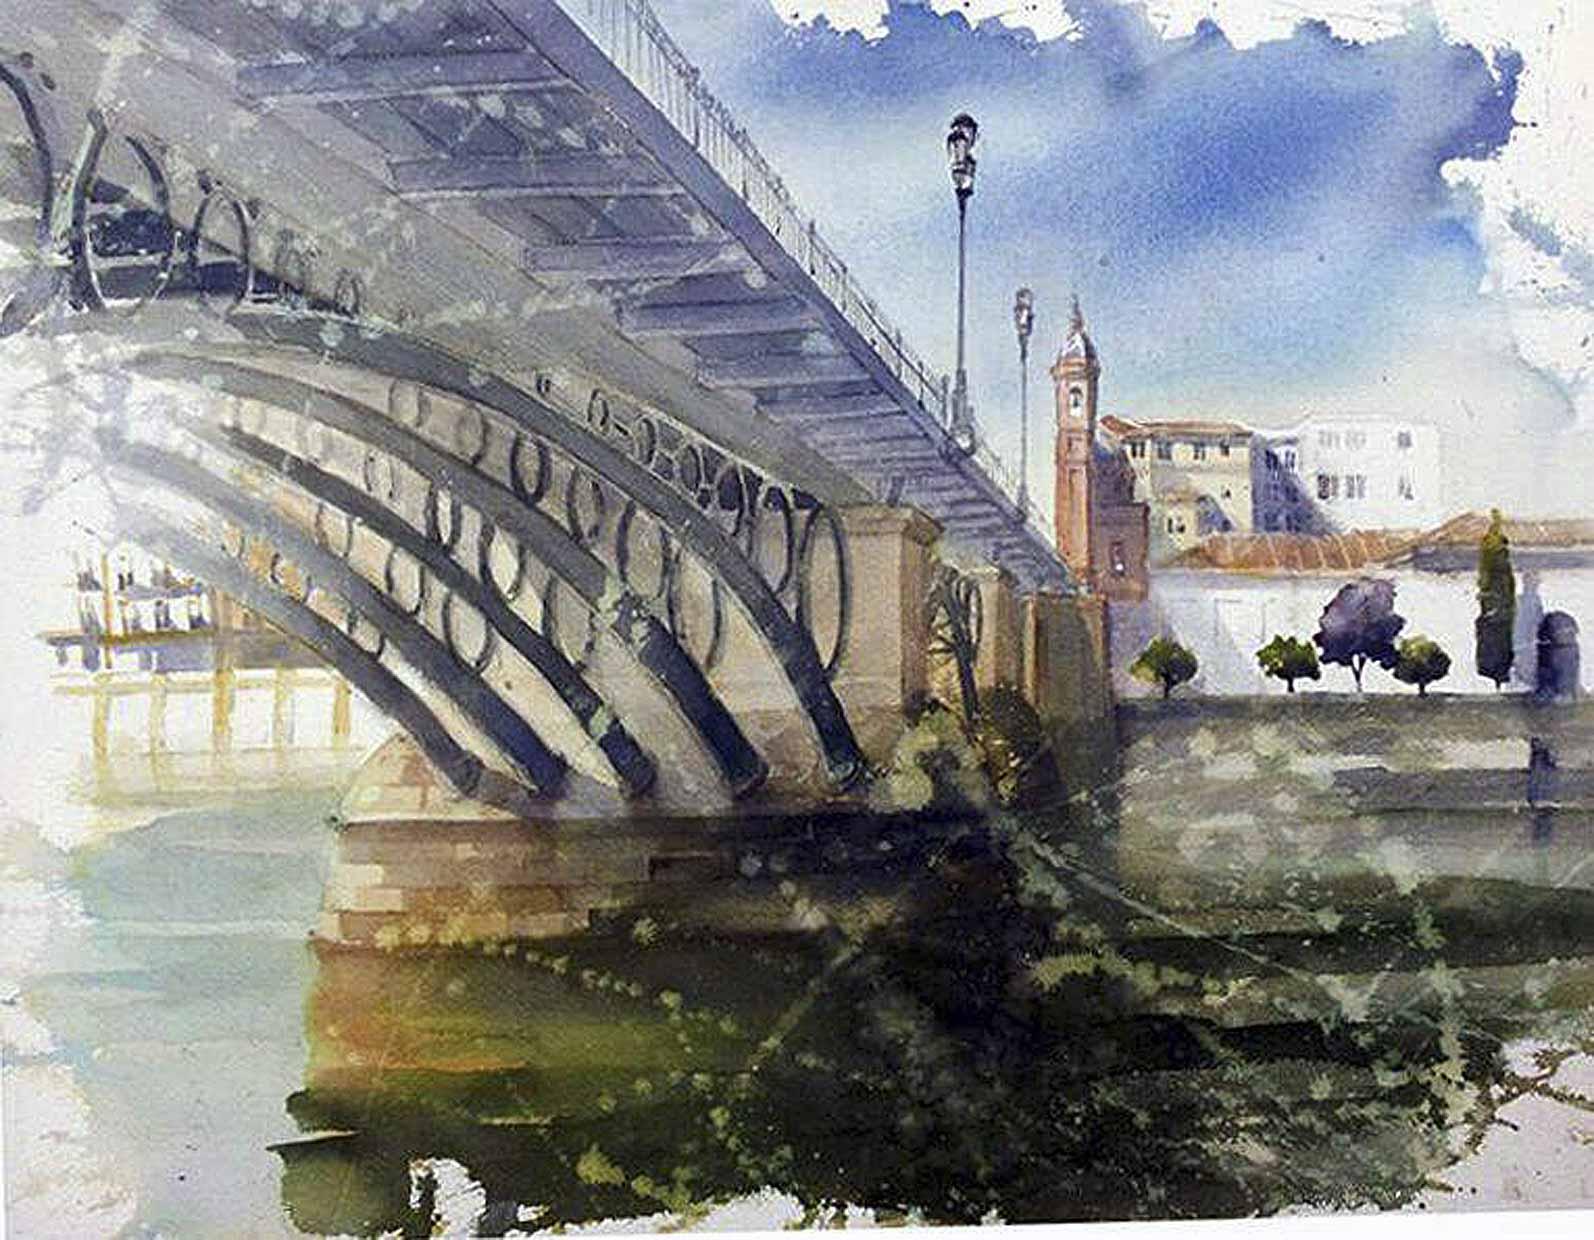 Manuel Blandón - Puente de Triana (Sevilla)